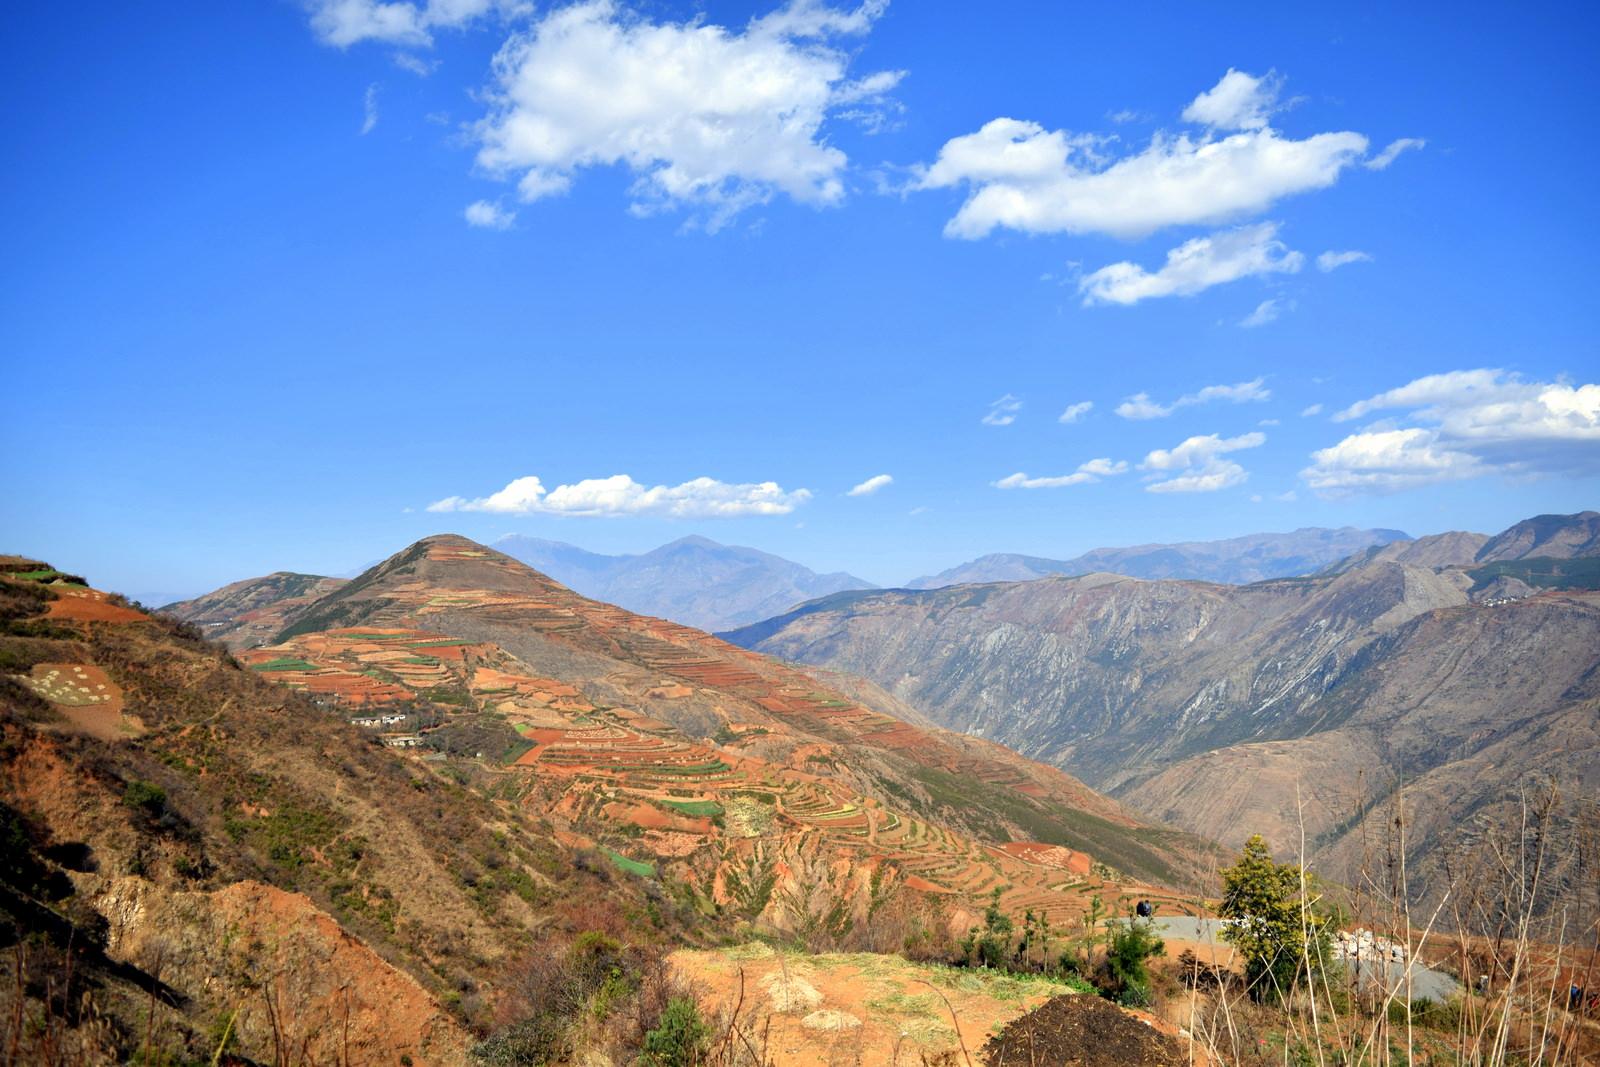 האדמה האדומה של דונגצ'ואן (צילום: טל ניצן)